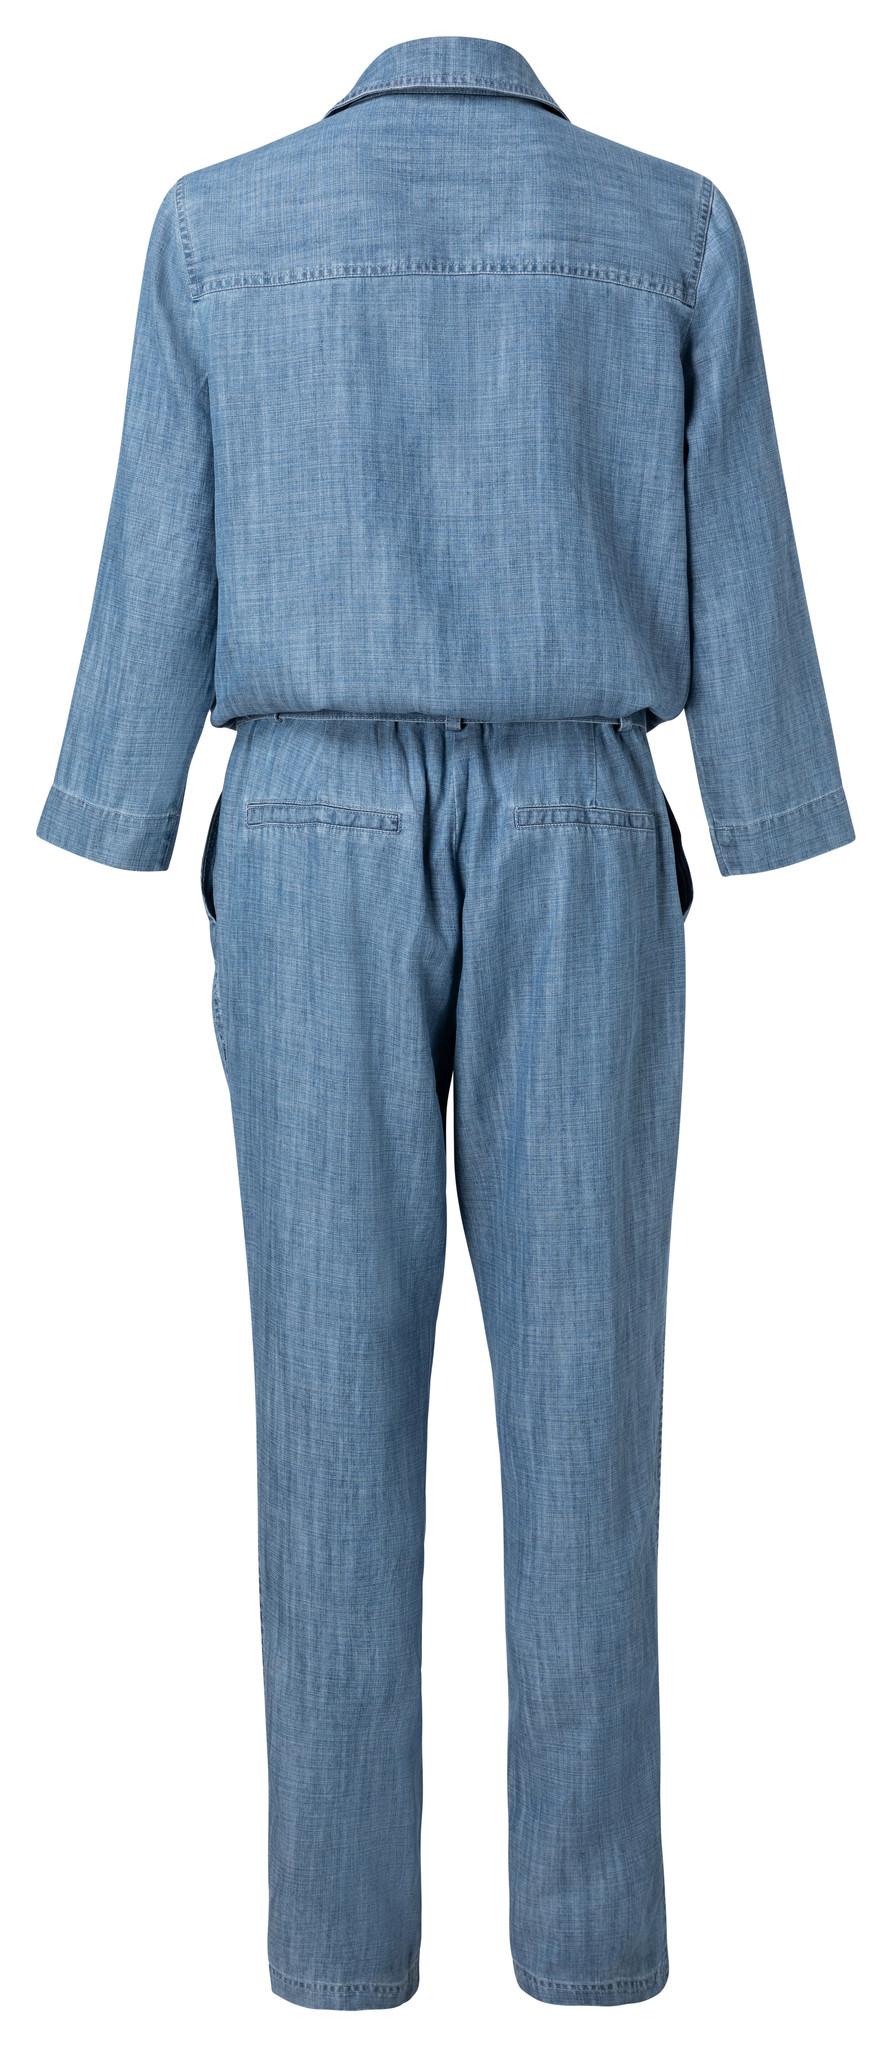 yaya Chambray jumpsuit wi 124122-014-2